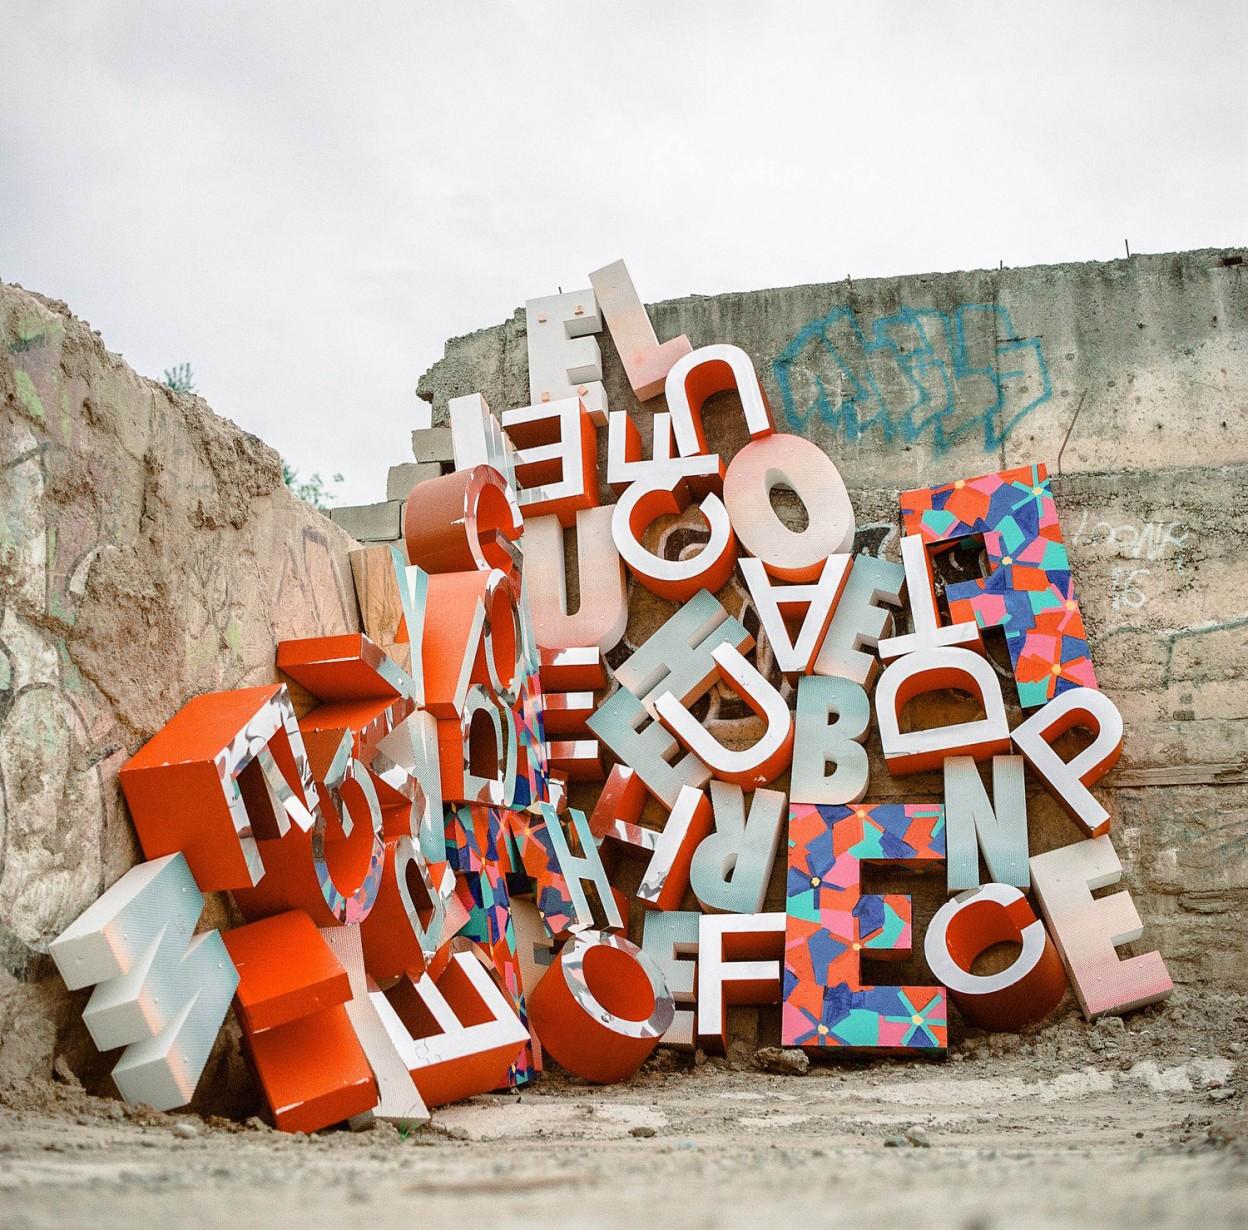 instalacion de letras acumuladas en un batiburrillo multicolor